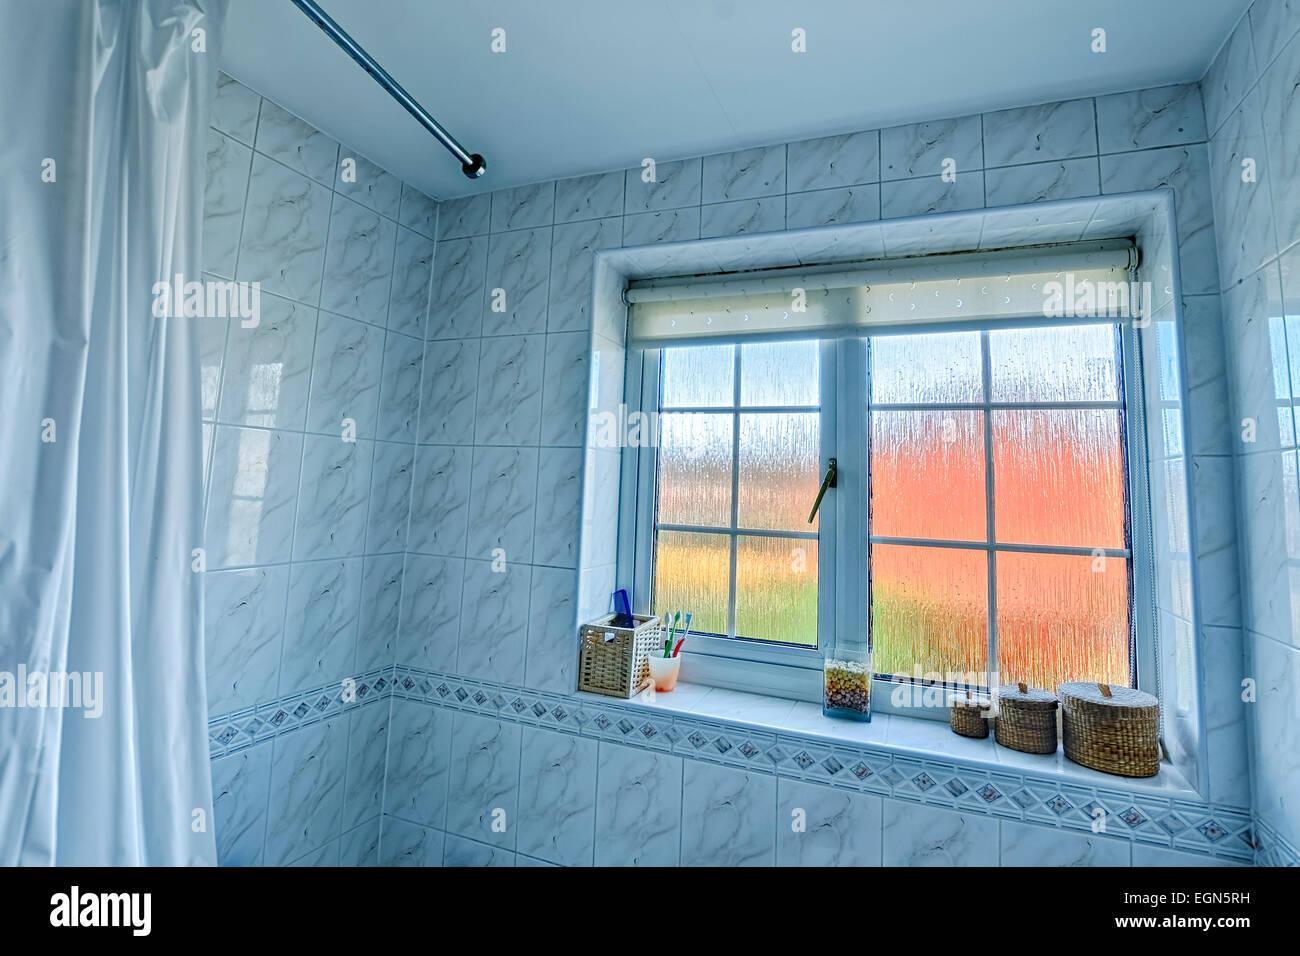 Bord De Fenetre Interieur salle de bains grand angle intérieur, inc bord de rideau de